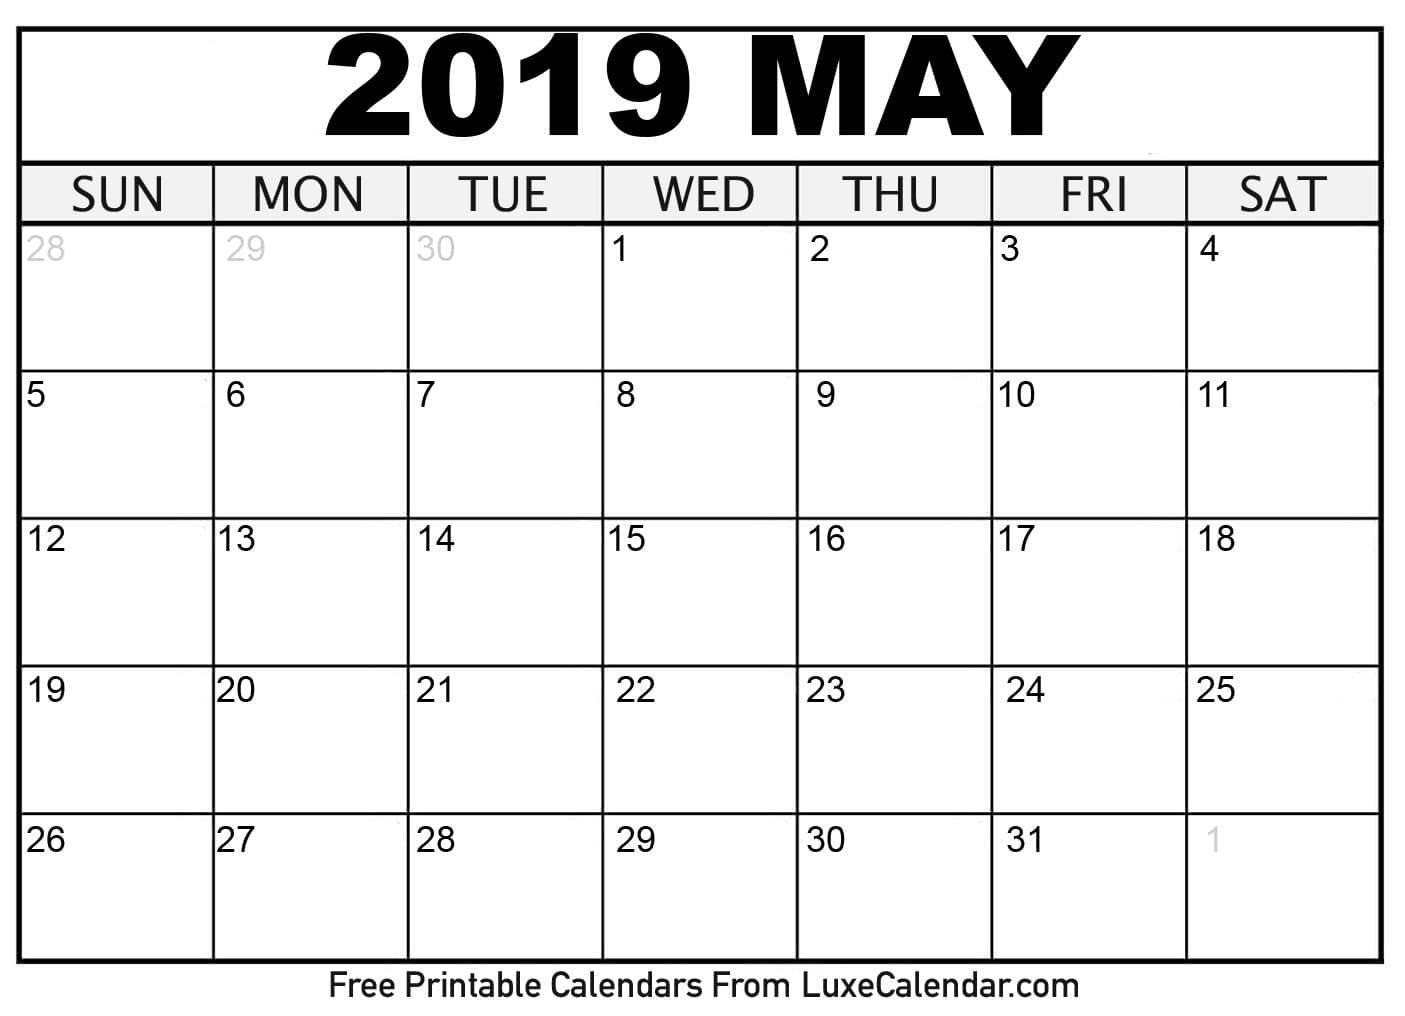 Blank May 2019 Printable Calendar – Luxe Calendar Calendar 2019 May